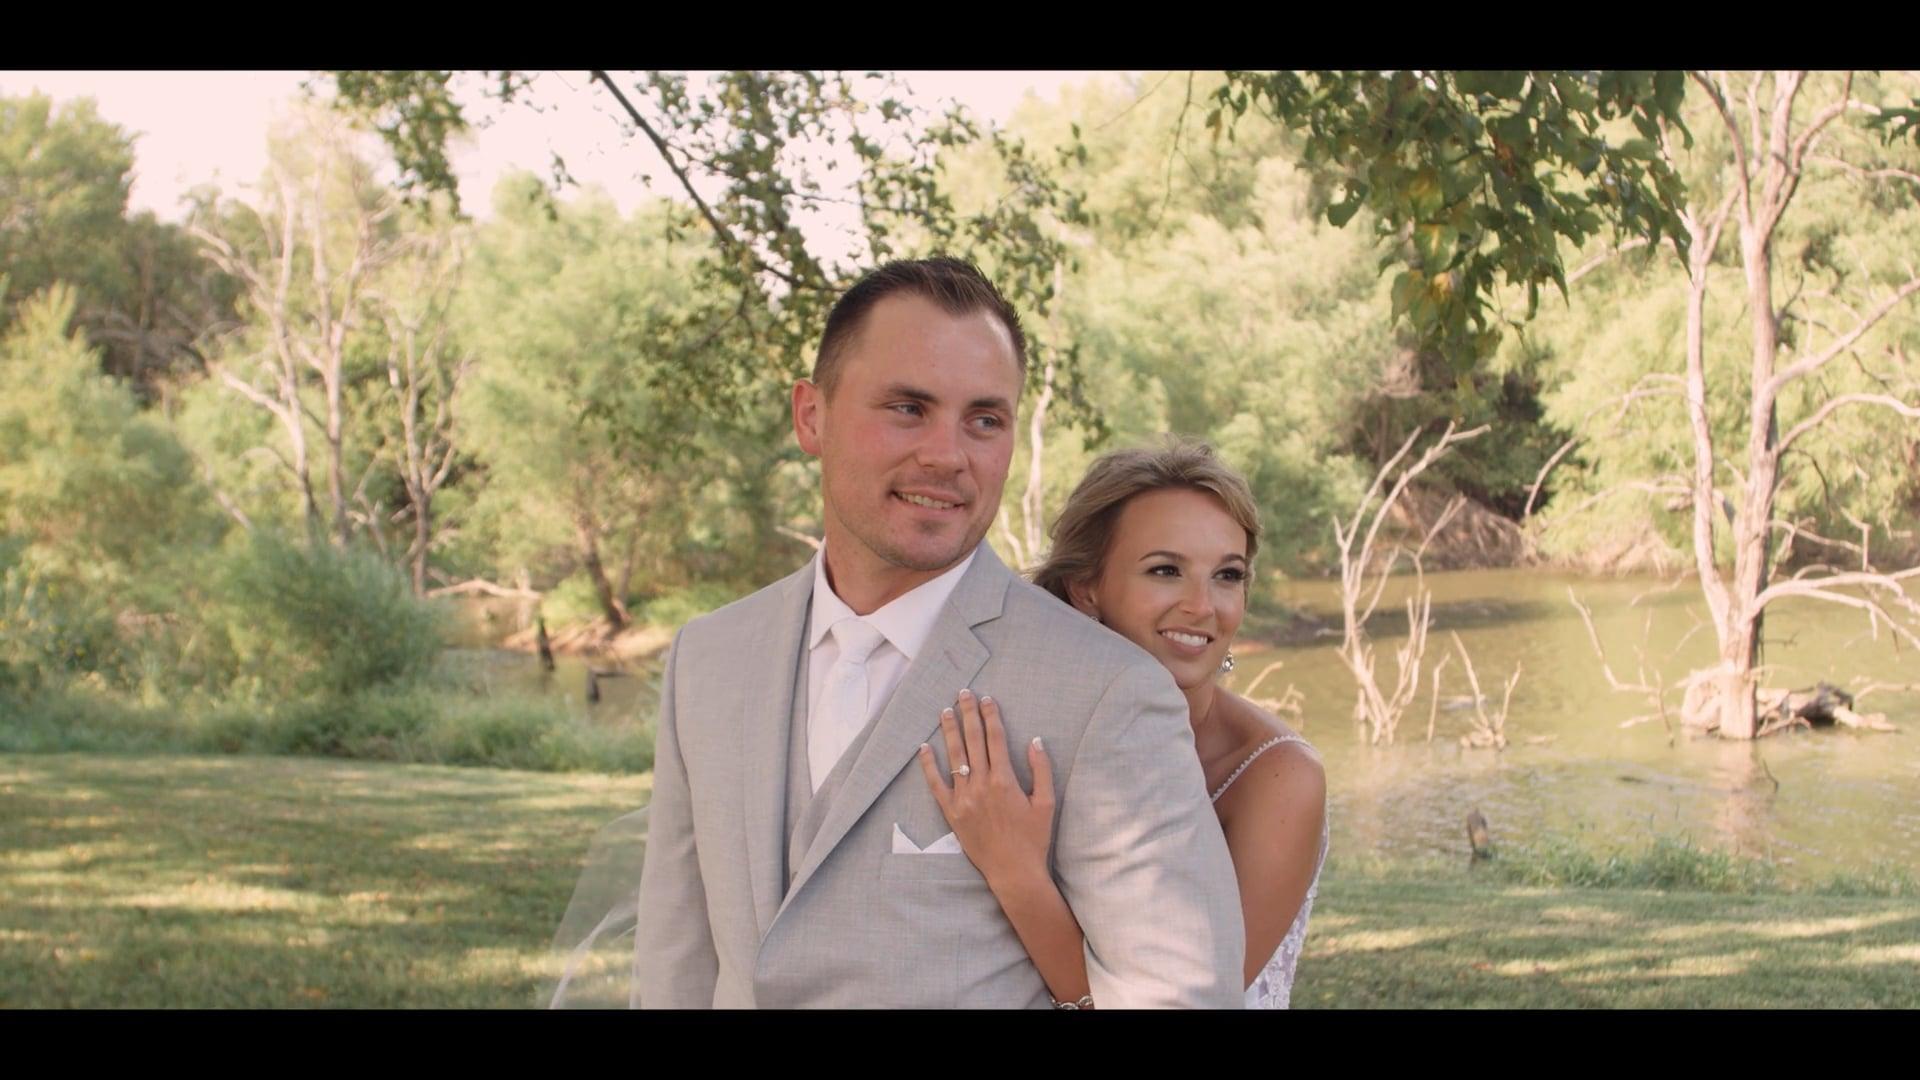 Wilczek Wedding Film